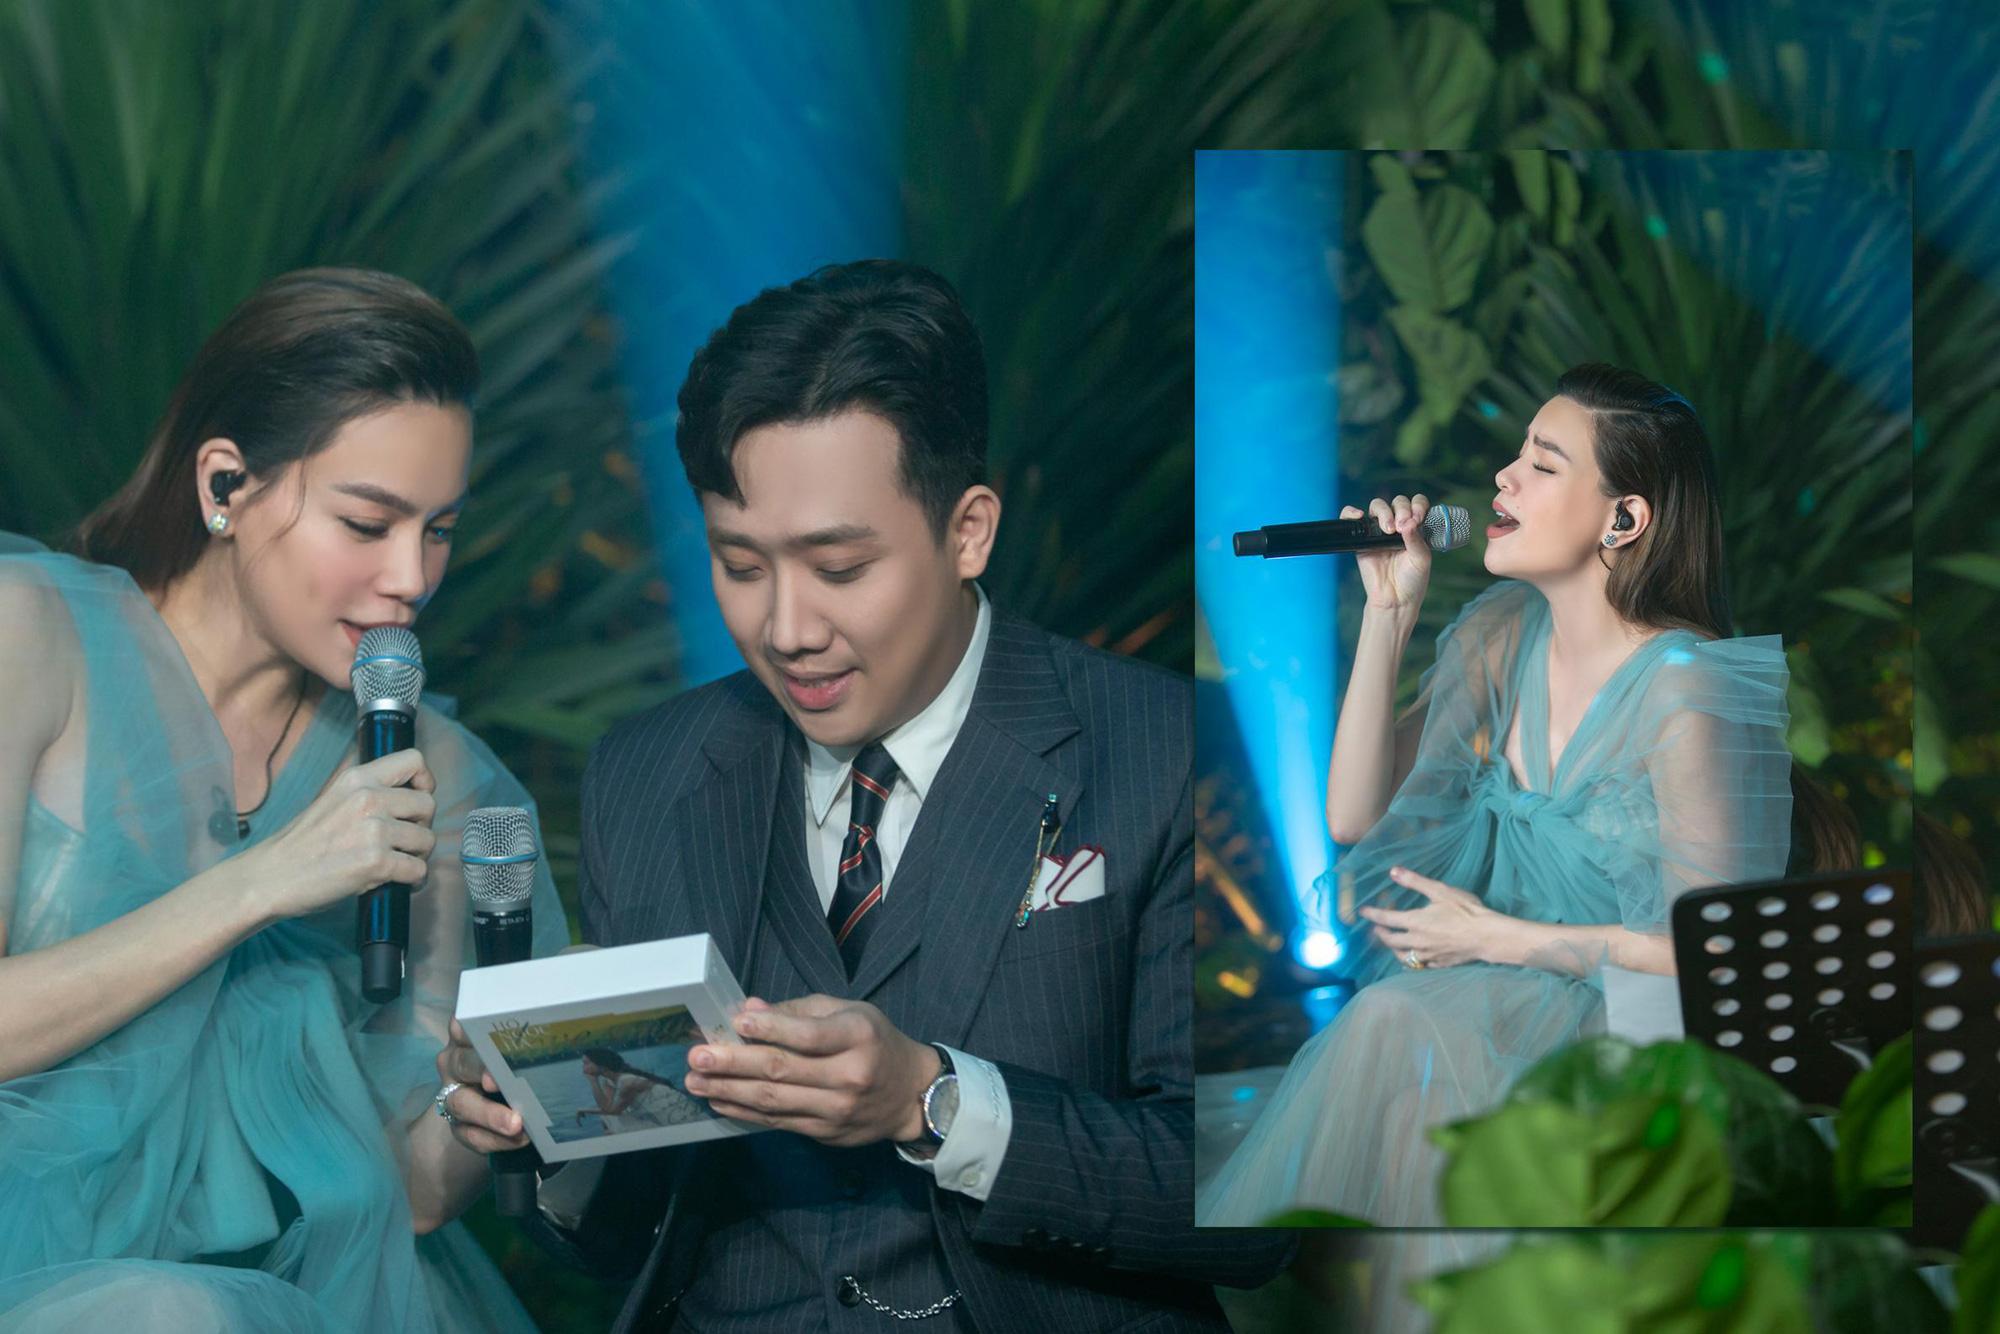 Chuỗi Private Show Love Songs của Hồ Ngọc Hà - điểm sáng của năm về một chương trình âm nhạc đậm chất nghệ thuật - Ảnh 4.